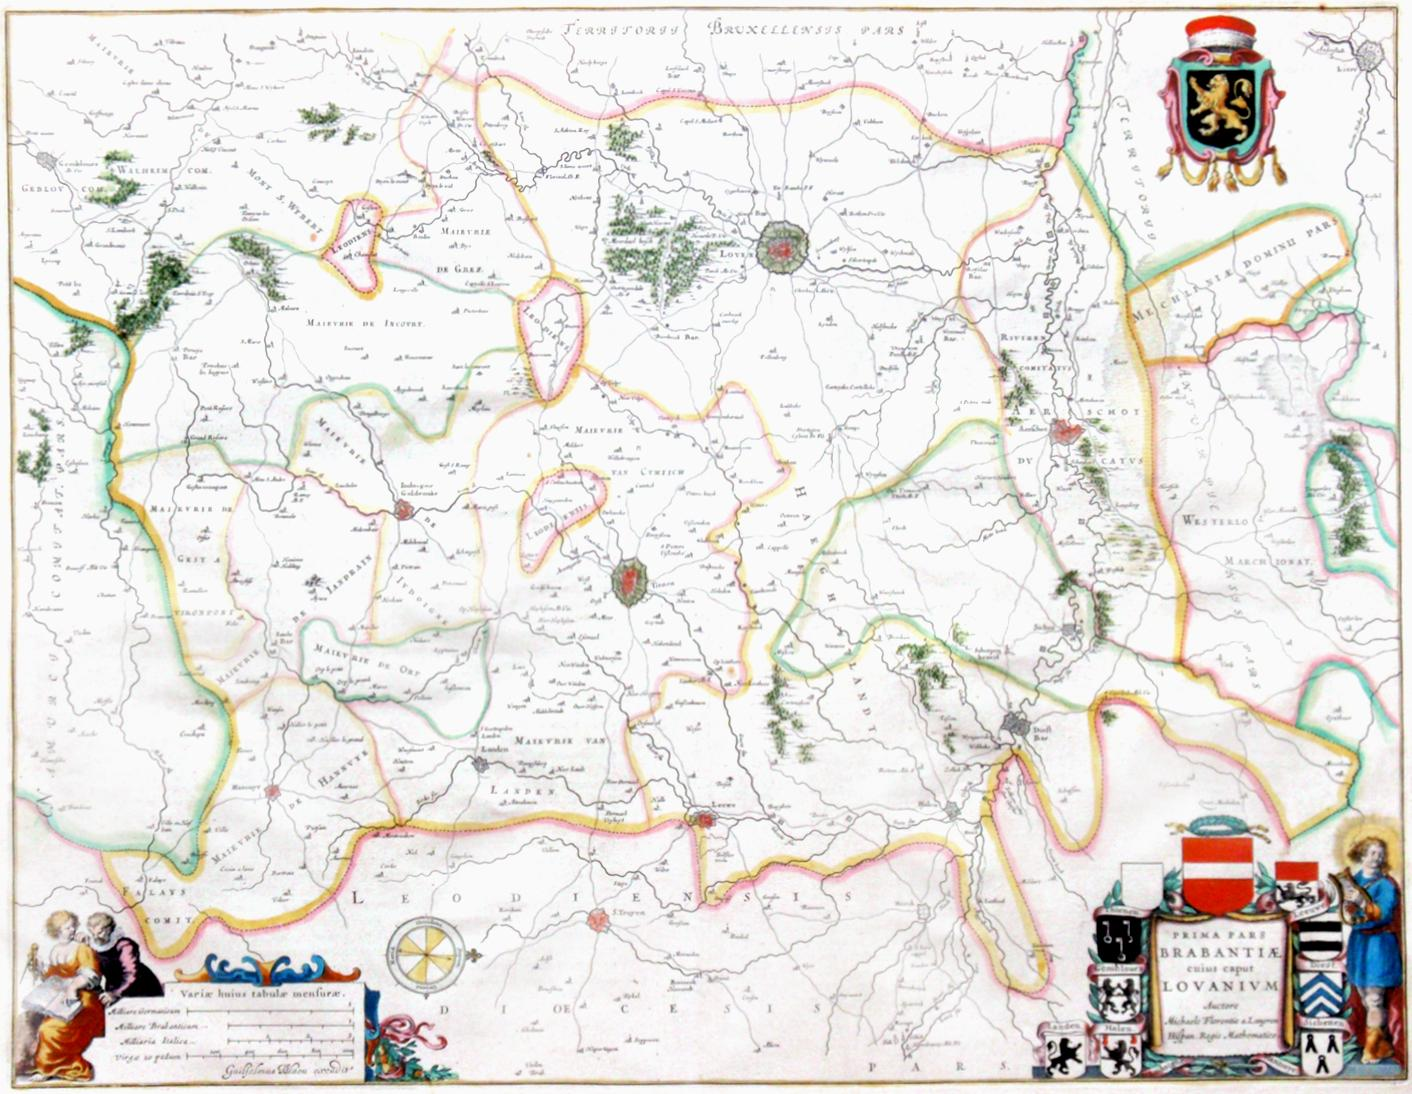 Prima Pars Brabantiaecuius Caput Lovanium Map Of Louvain Region Of - Pars map